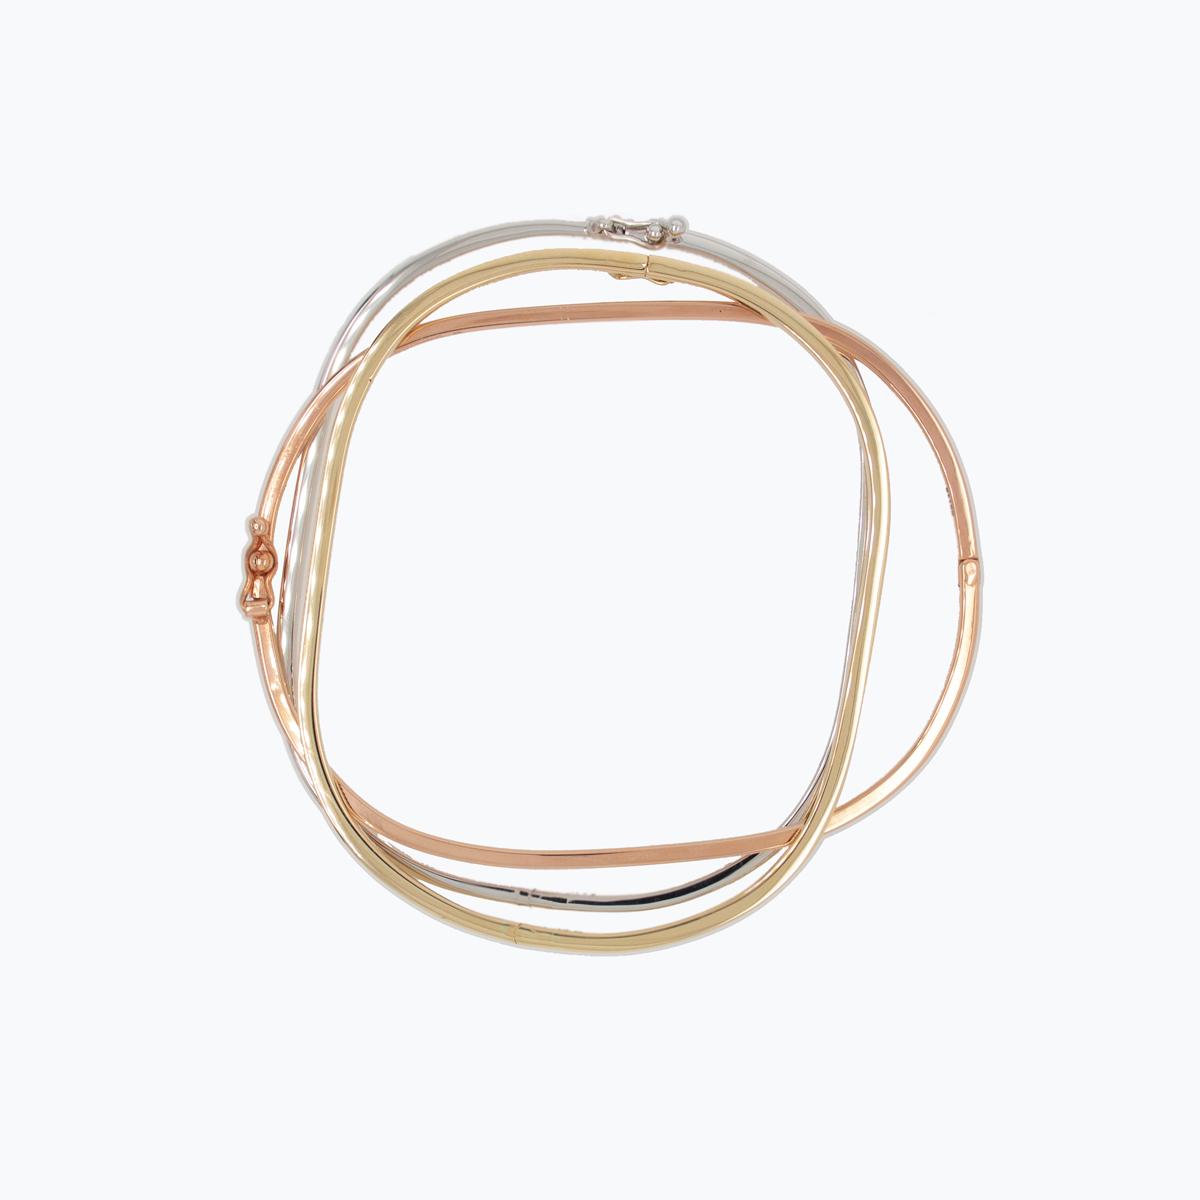 Rose, White, and Yellow Bangle Bracelet set